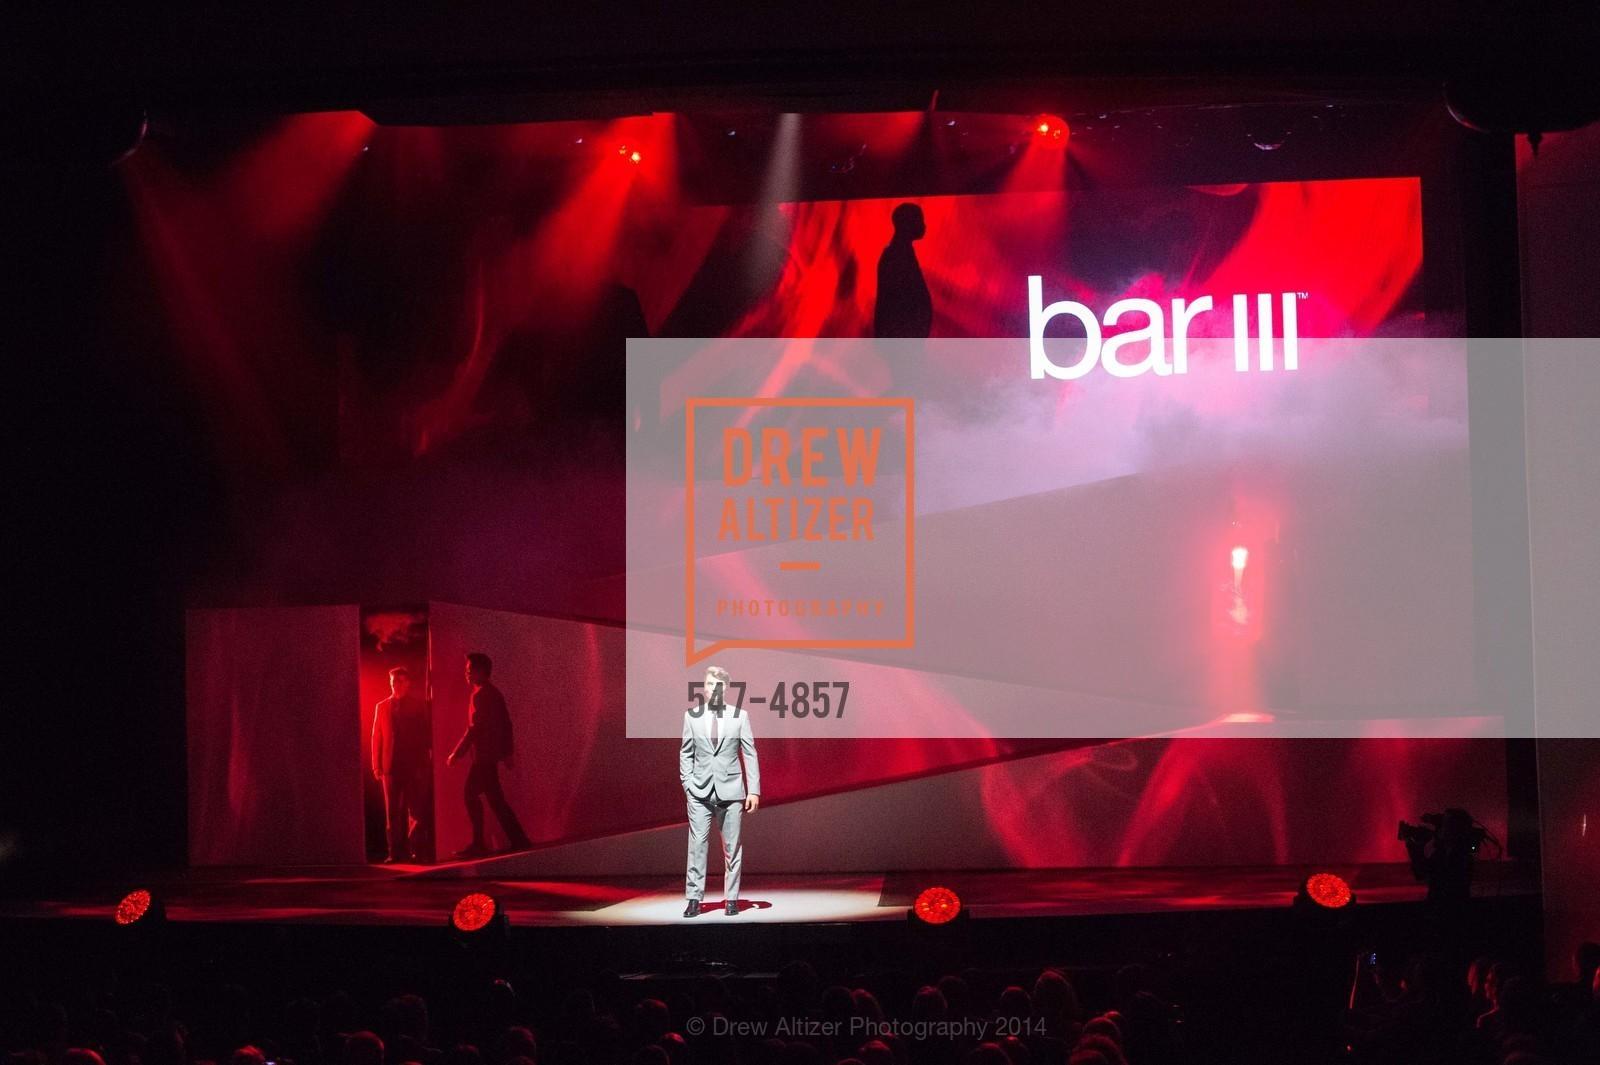 Fashion Show, Photo #547-4857